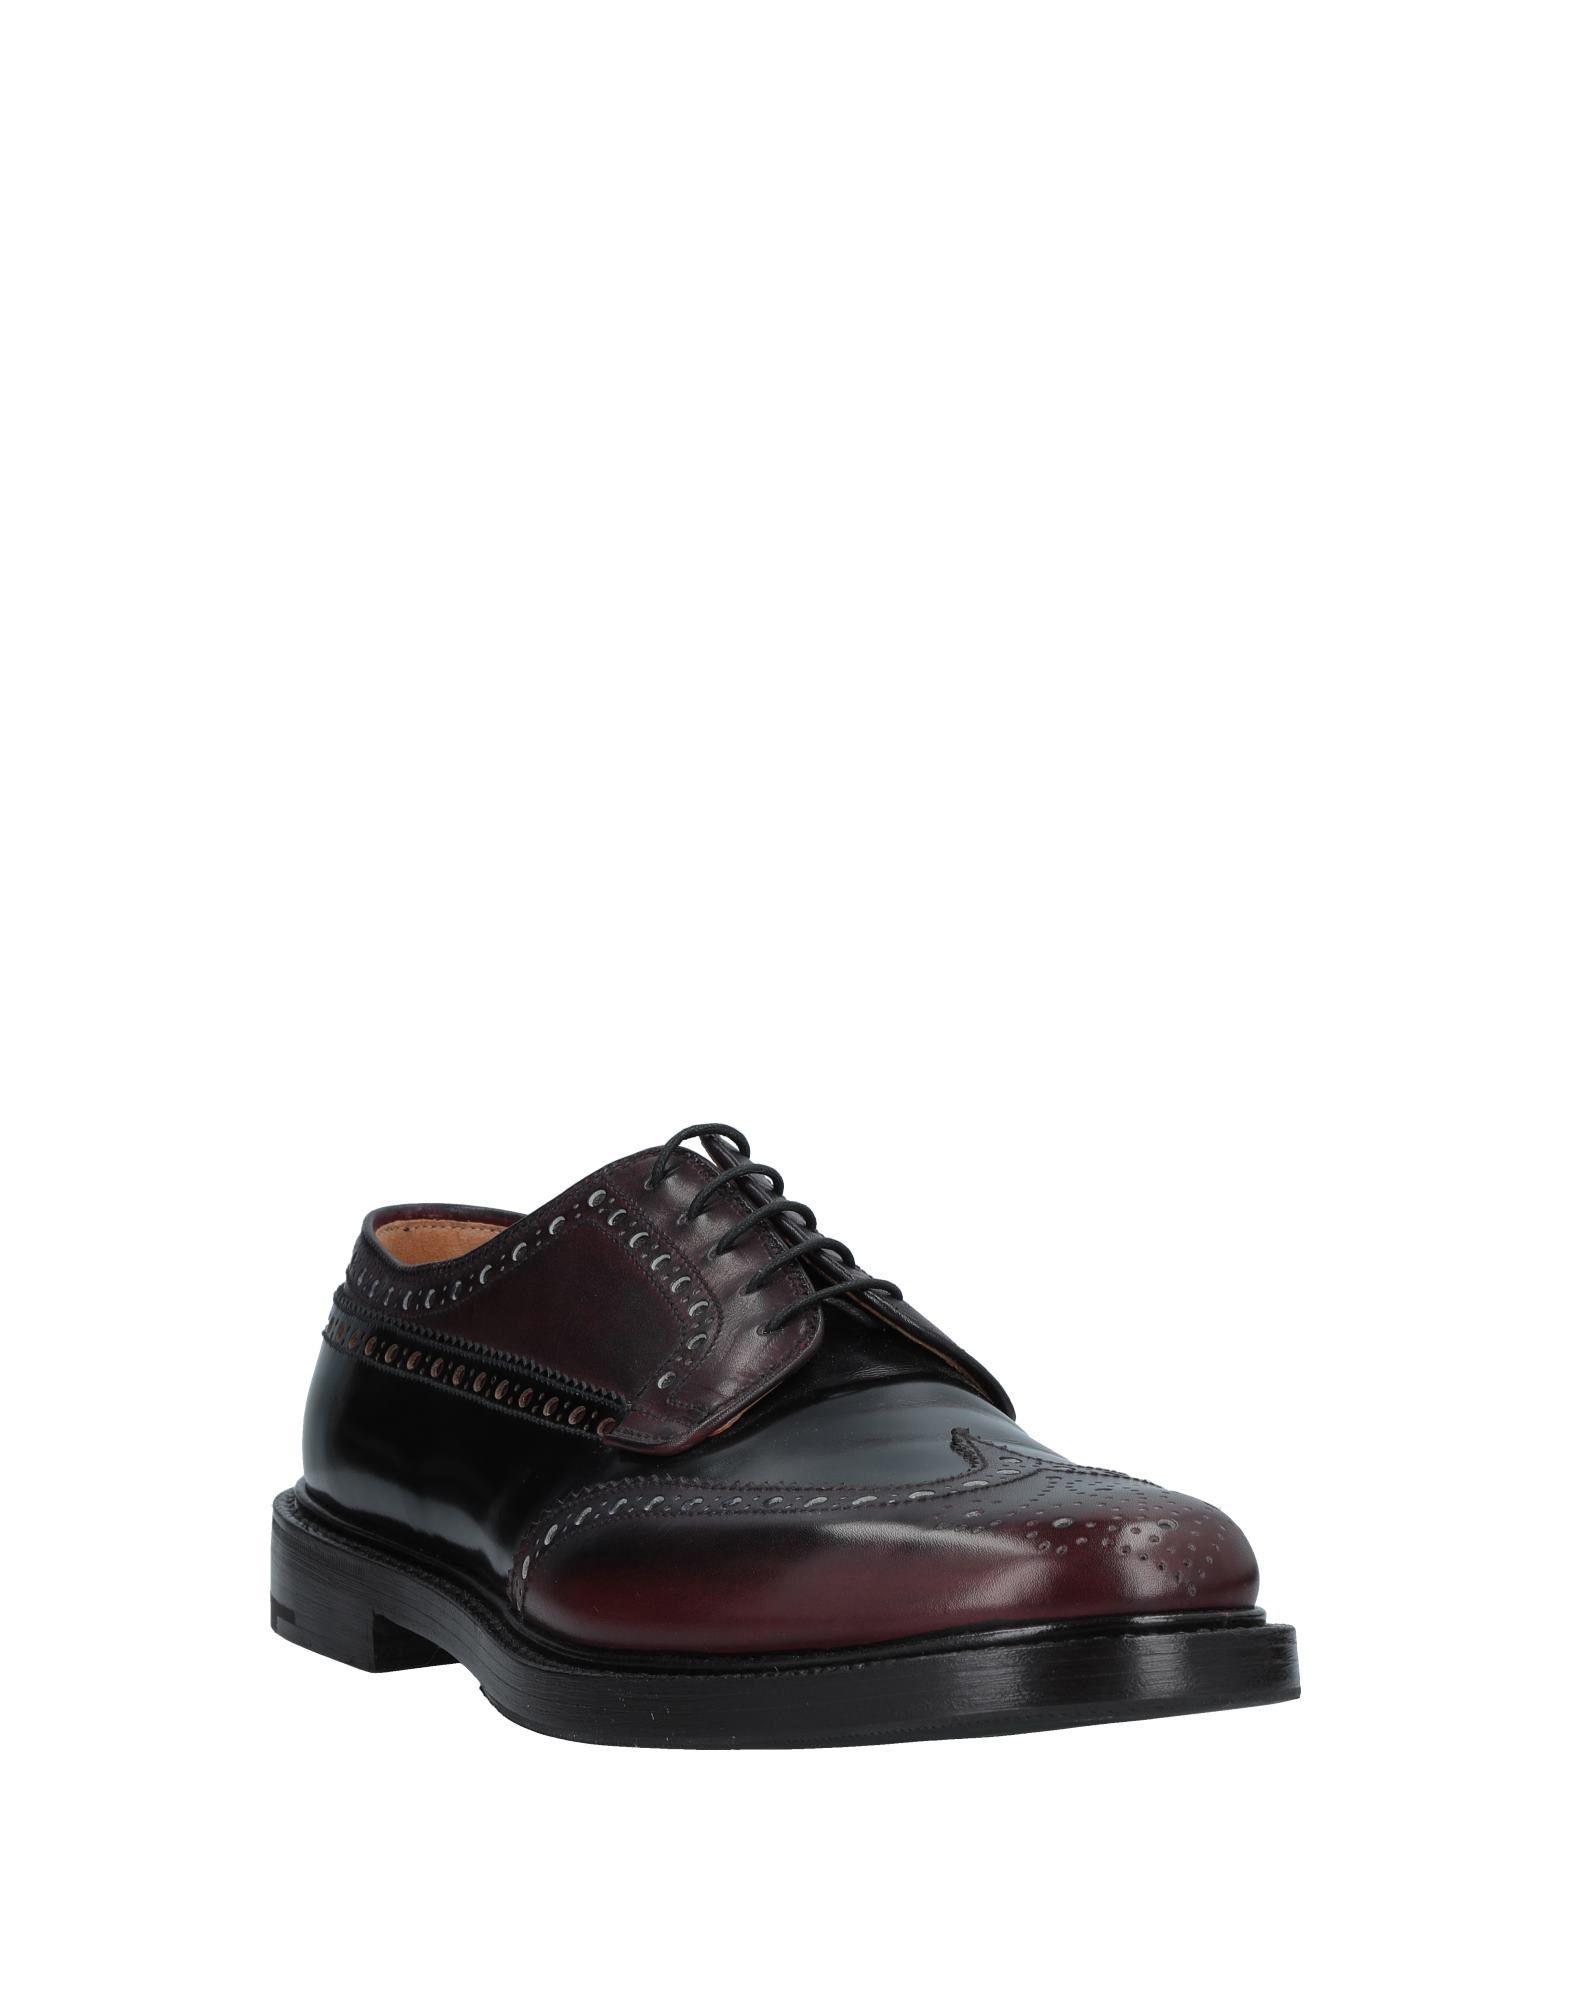 Premiata Schnürschuhe Herren  11531188EK Gute Qualität beliebte Schuhe